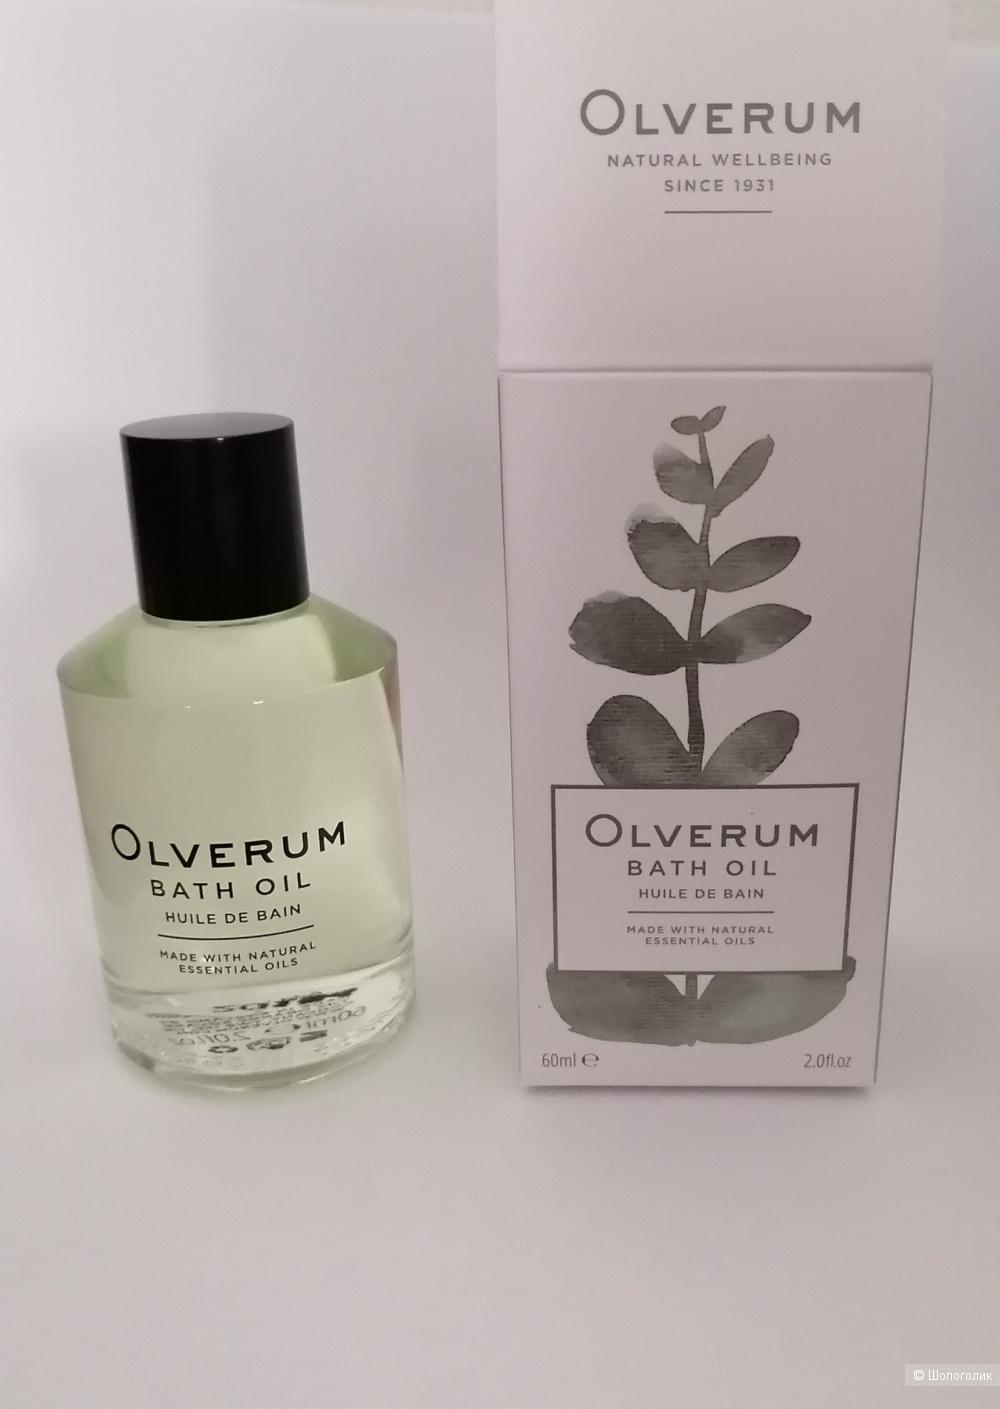 Масло для ванны Olverum объем 60 мл